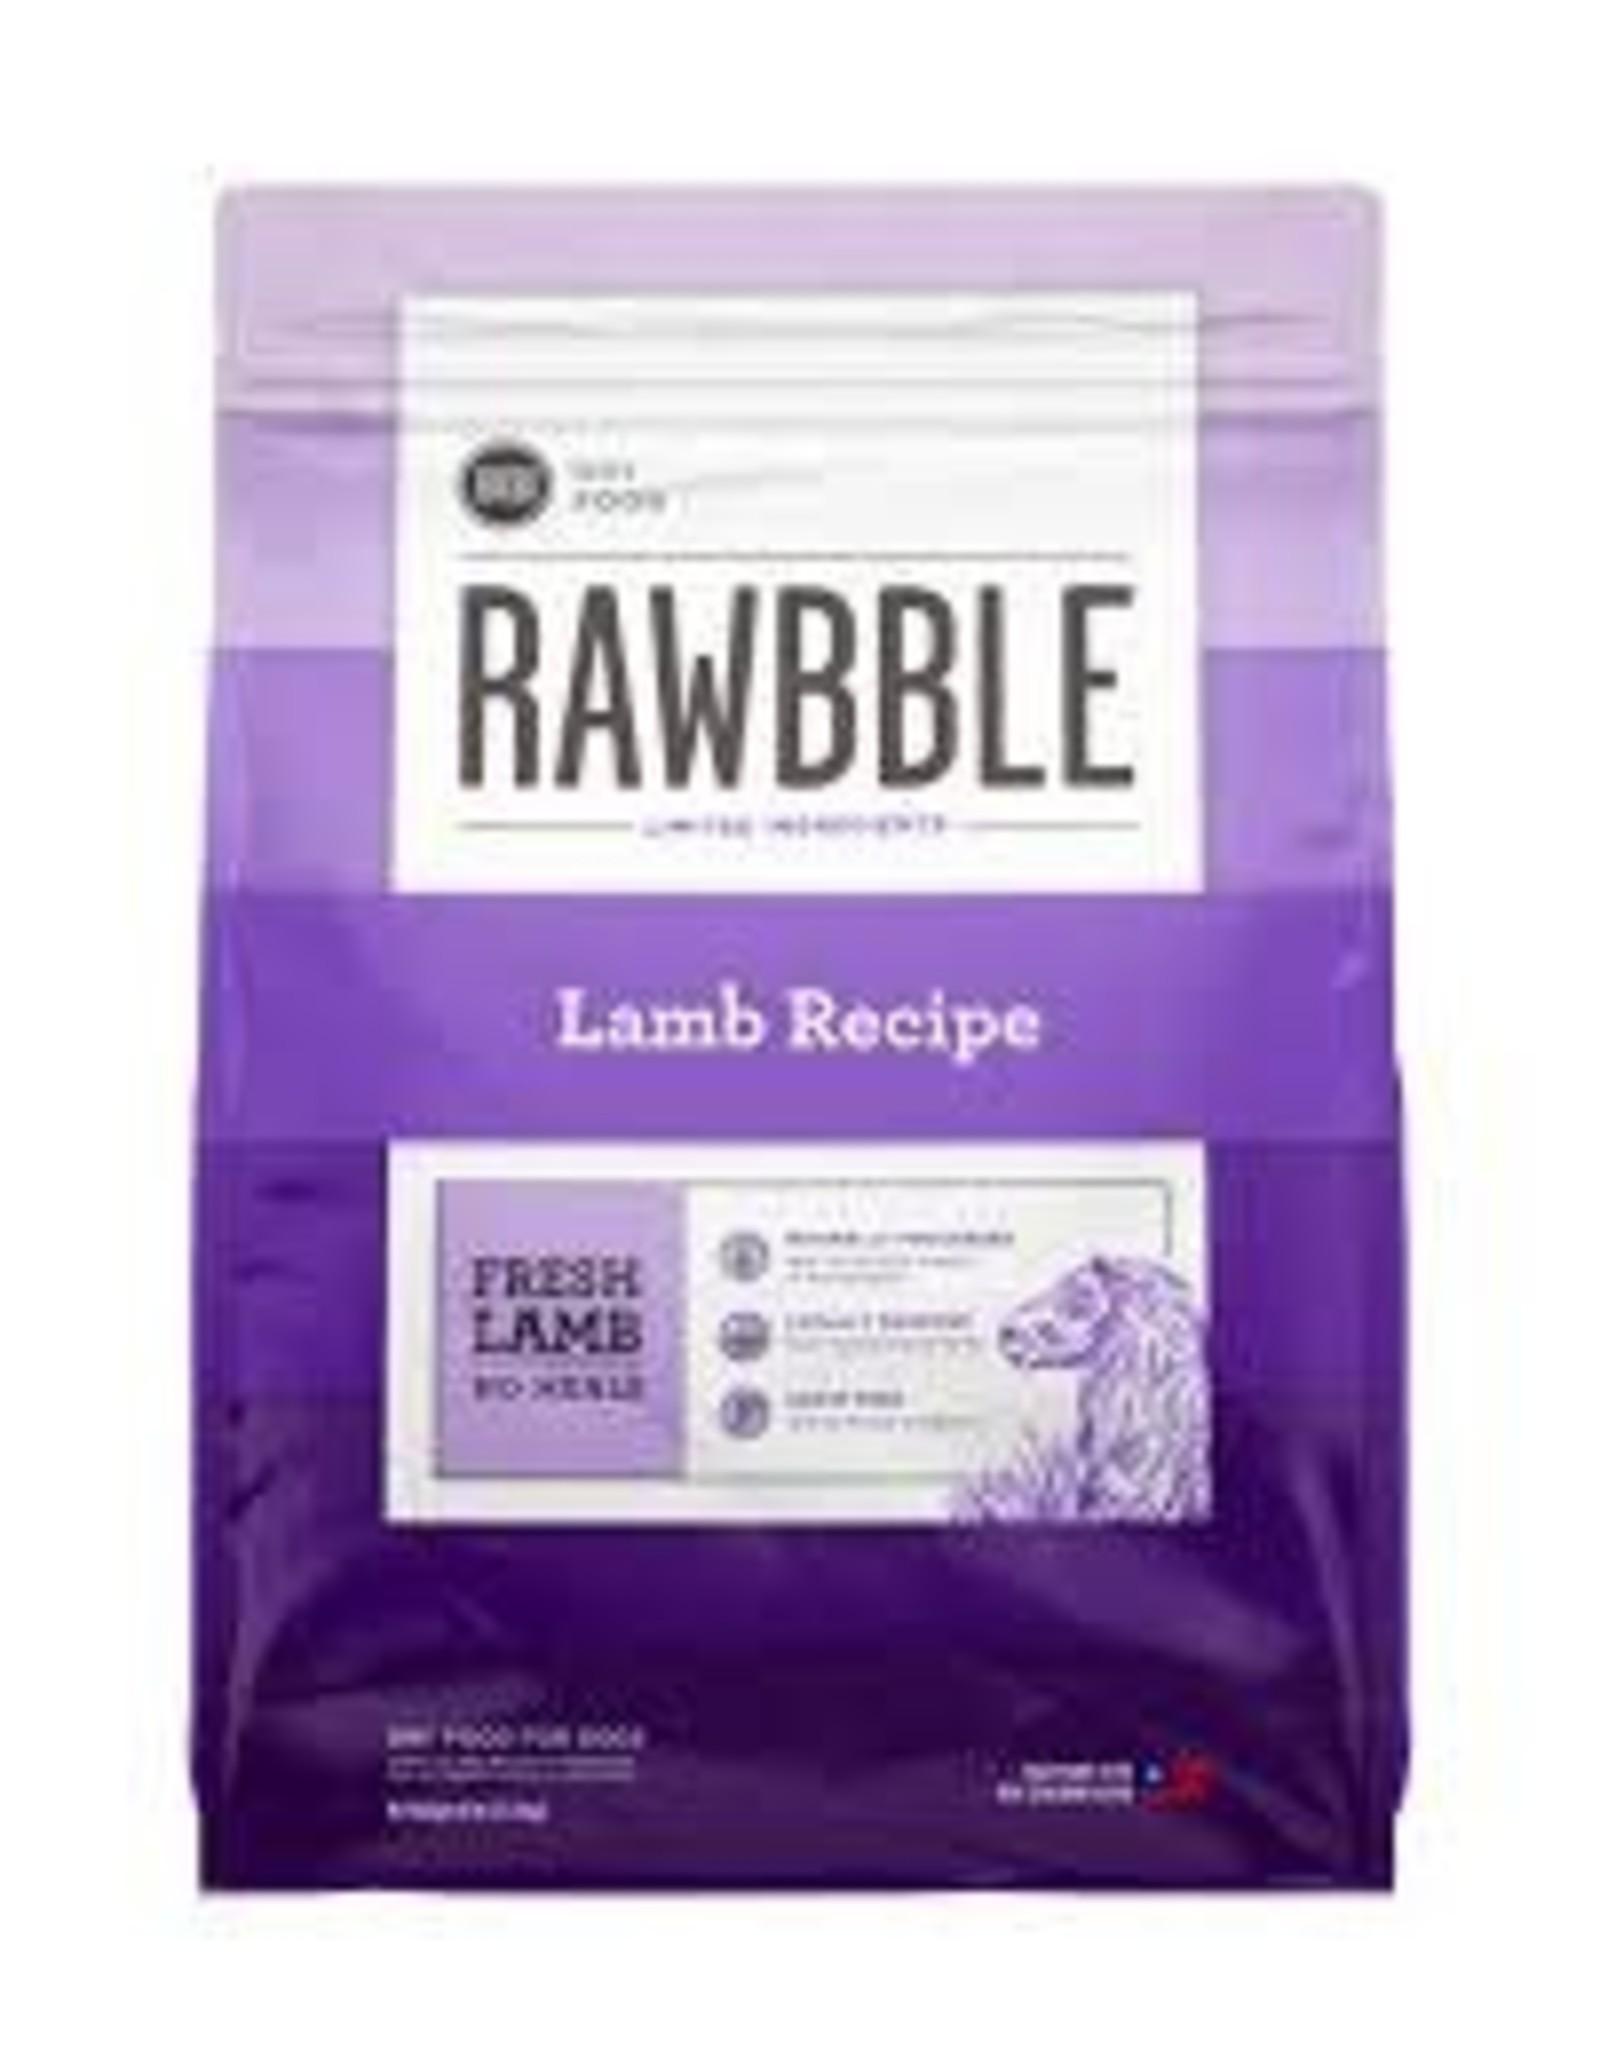 BIXBI & RAWBBLE RAWBBLE LAMB RECIPE 10OZ